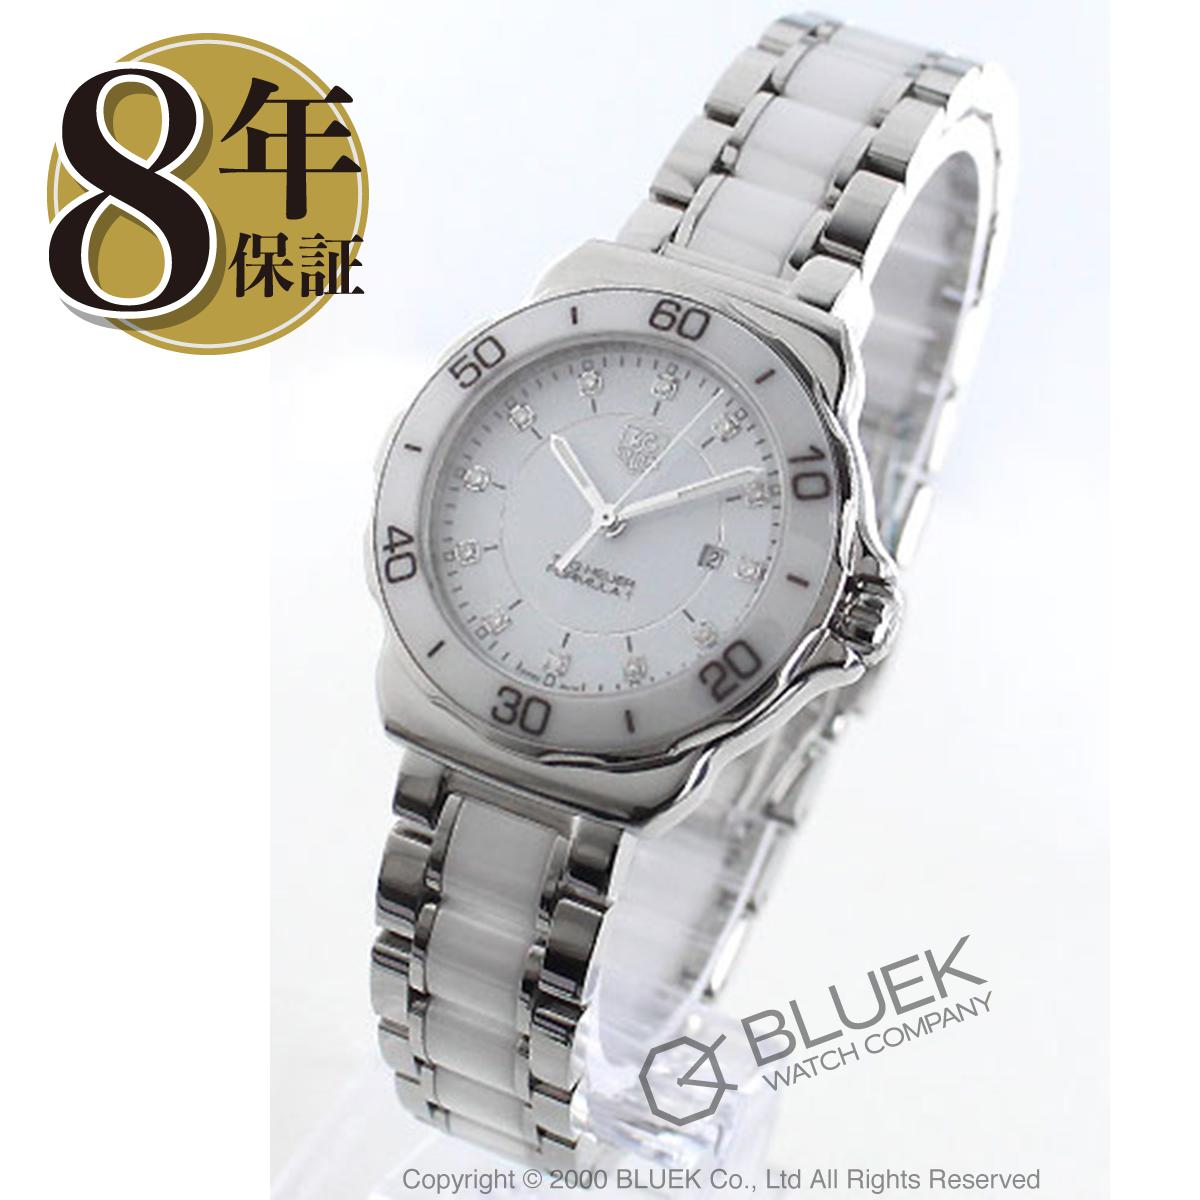 【最大3万円割引クーポン 11/01~】タグホイヤー フォーミュラ1 ダイヤ 腕時計 レディース TAG Heuer WAH1315.BA0868_8